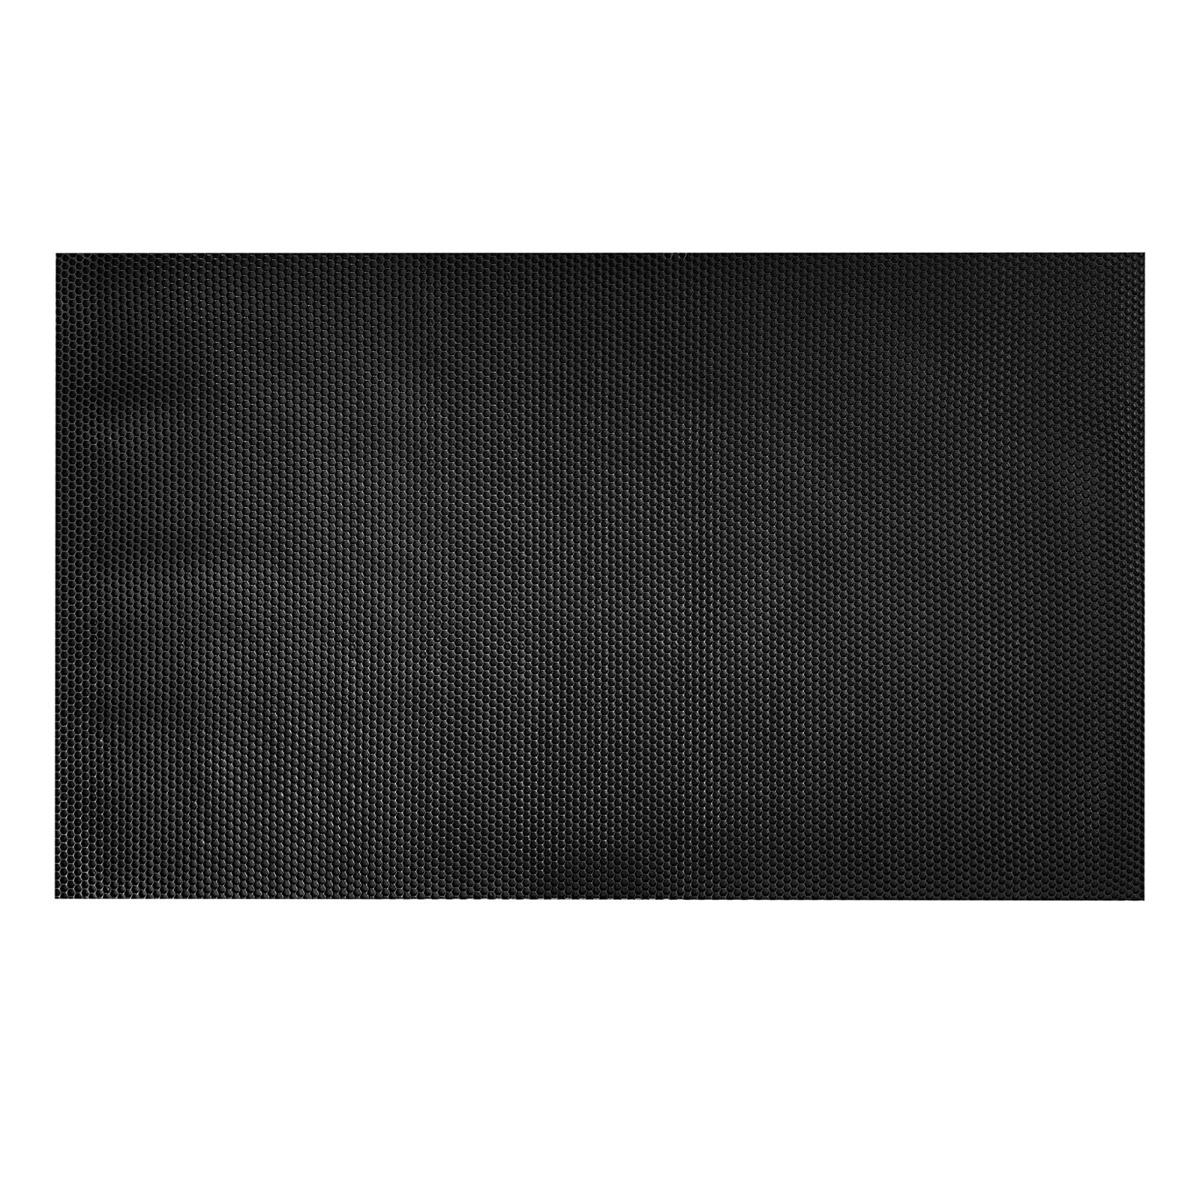 BBQ Medium HEX Floor Mat in Black